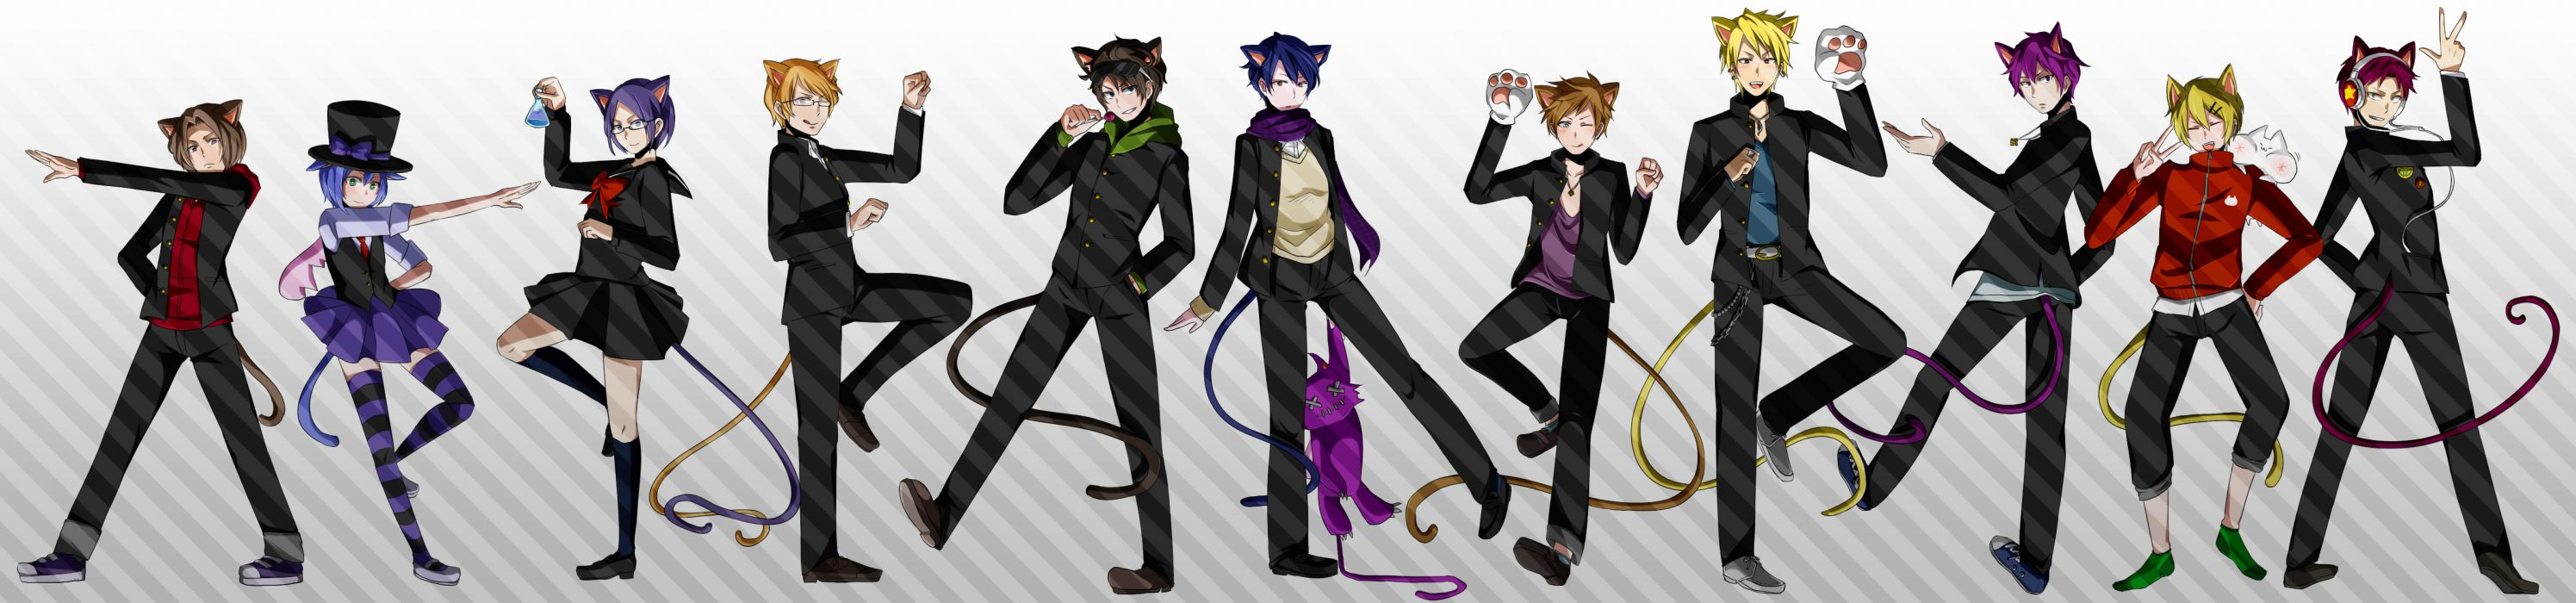 Vocaloid Envy Catwalk dual multi wallpaper